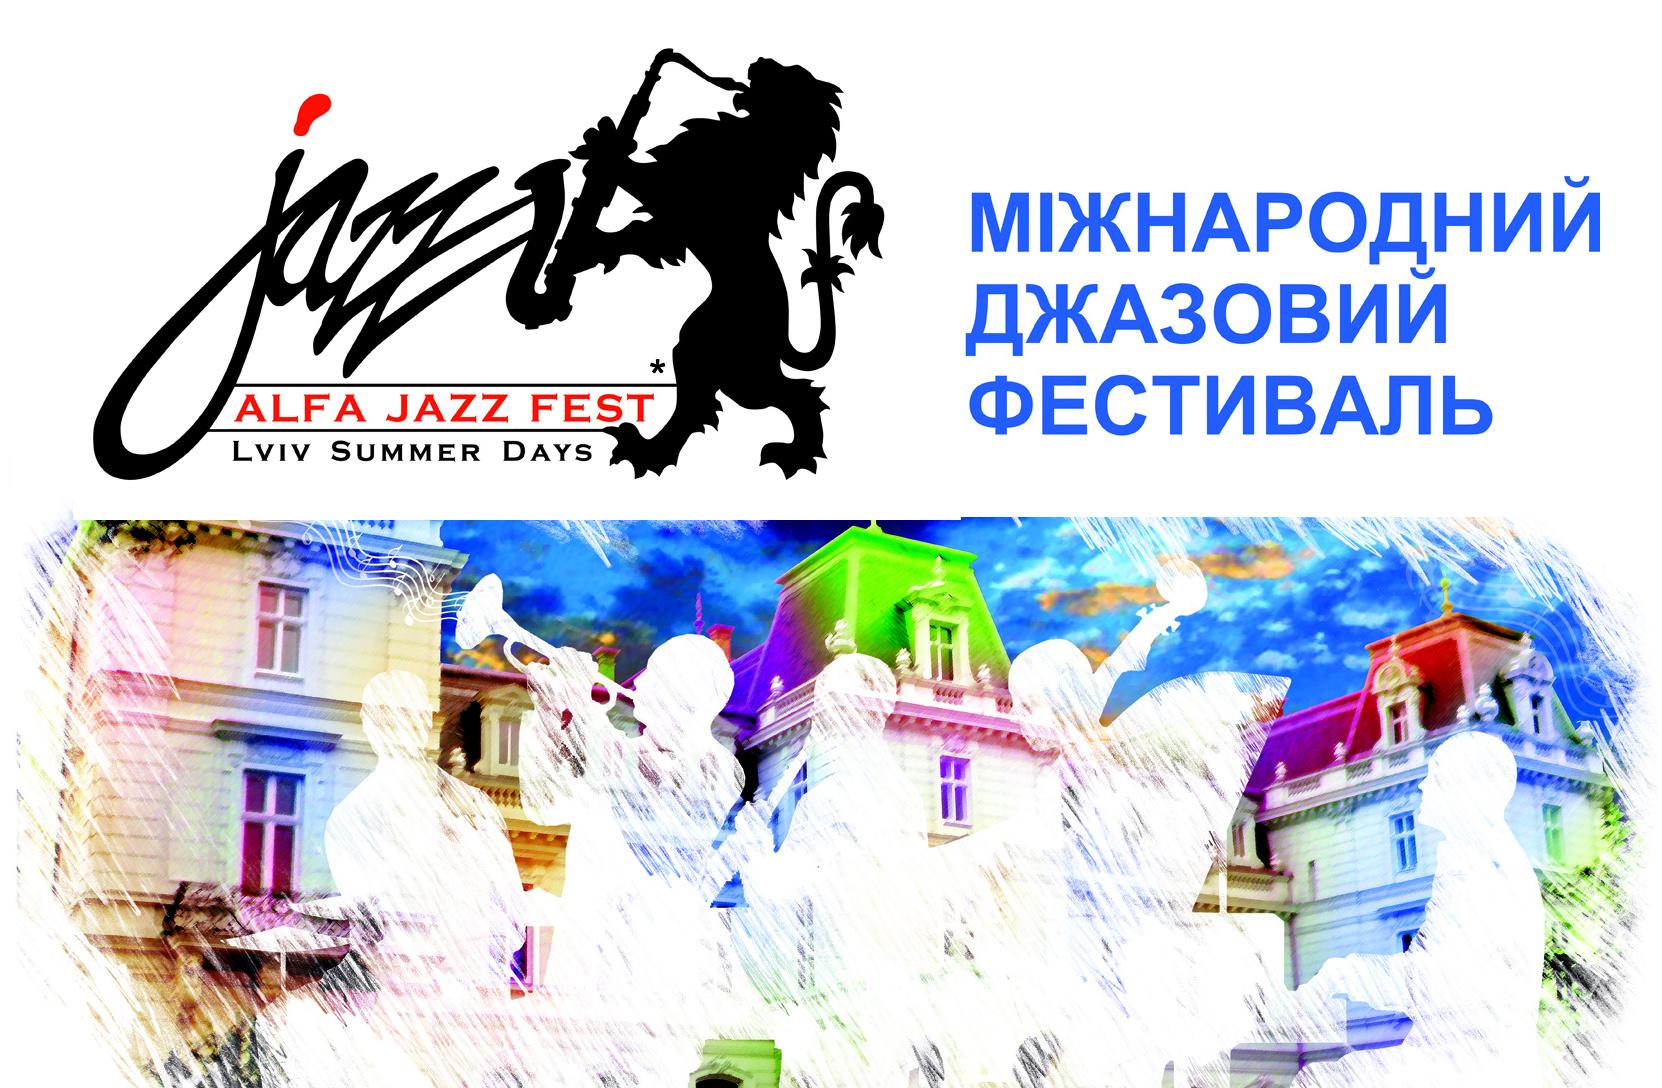 jazzfest02 1Фестивали Львова